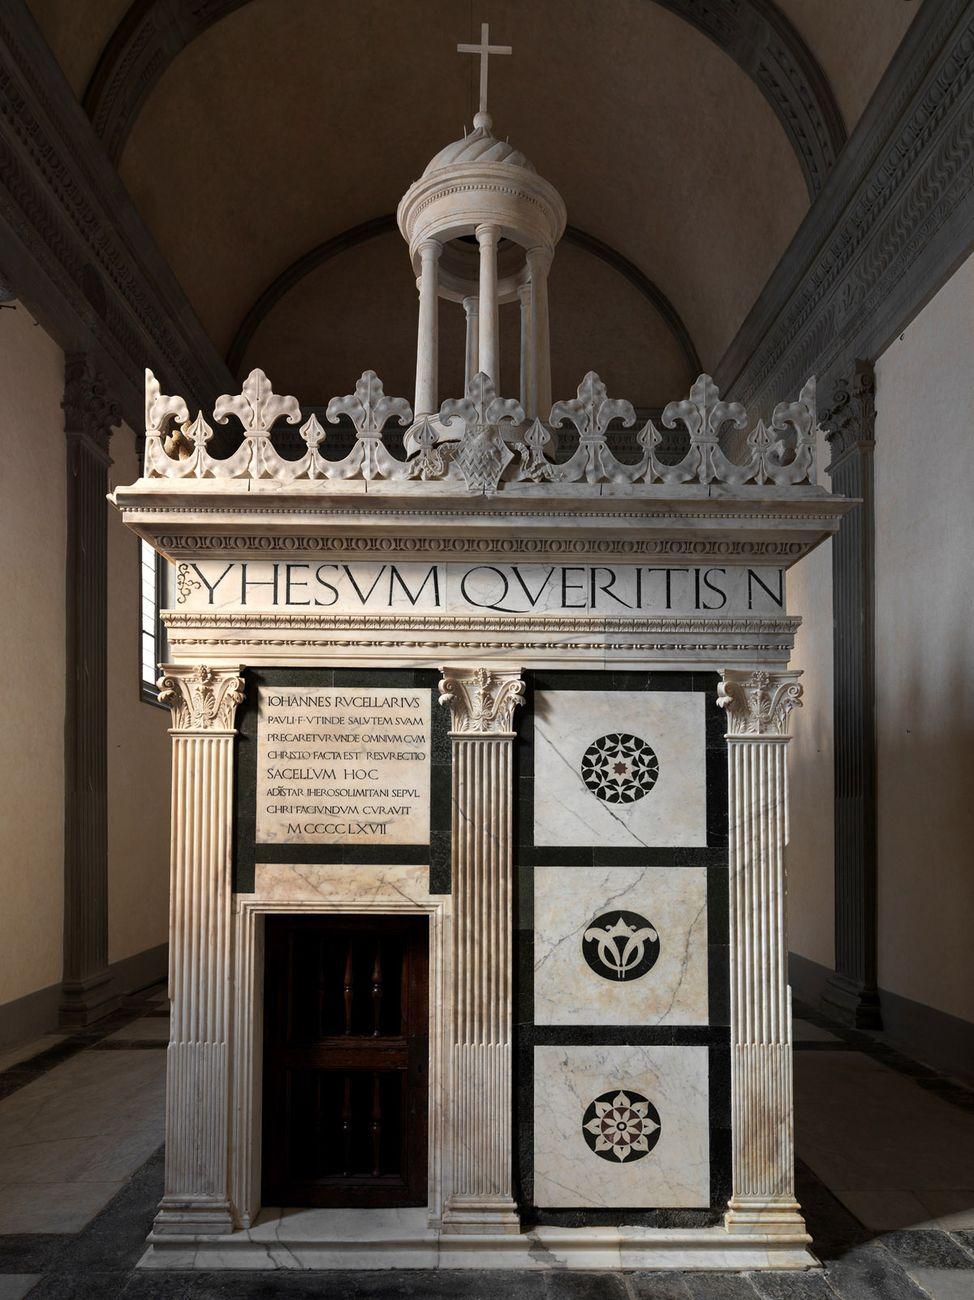 La cappella Rucellai, Museo Marino Marini, Firenze 2019